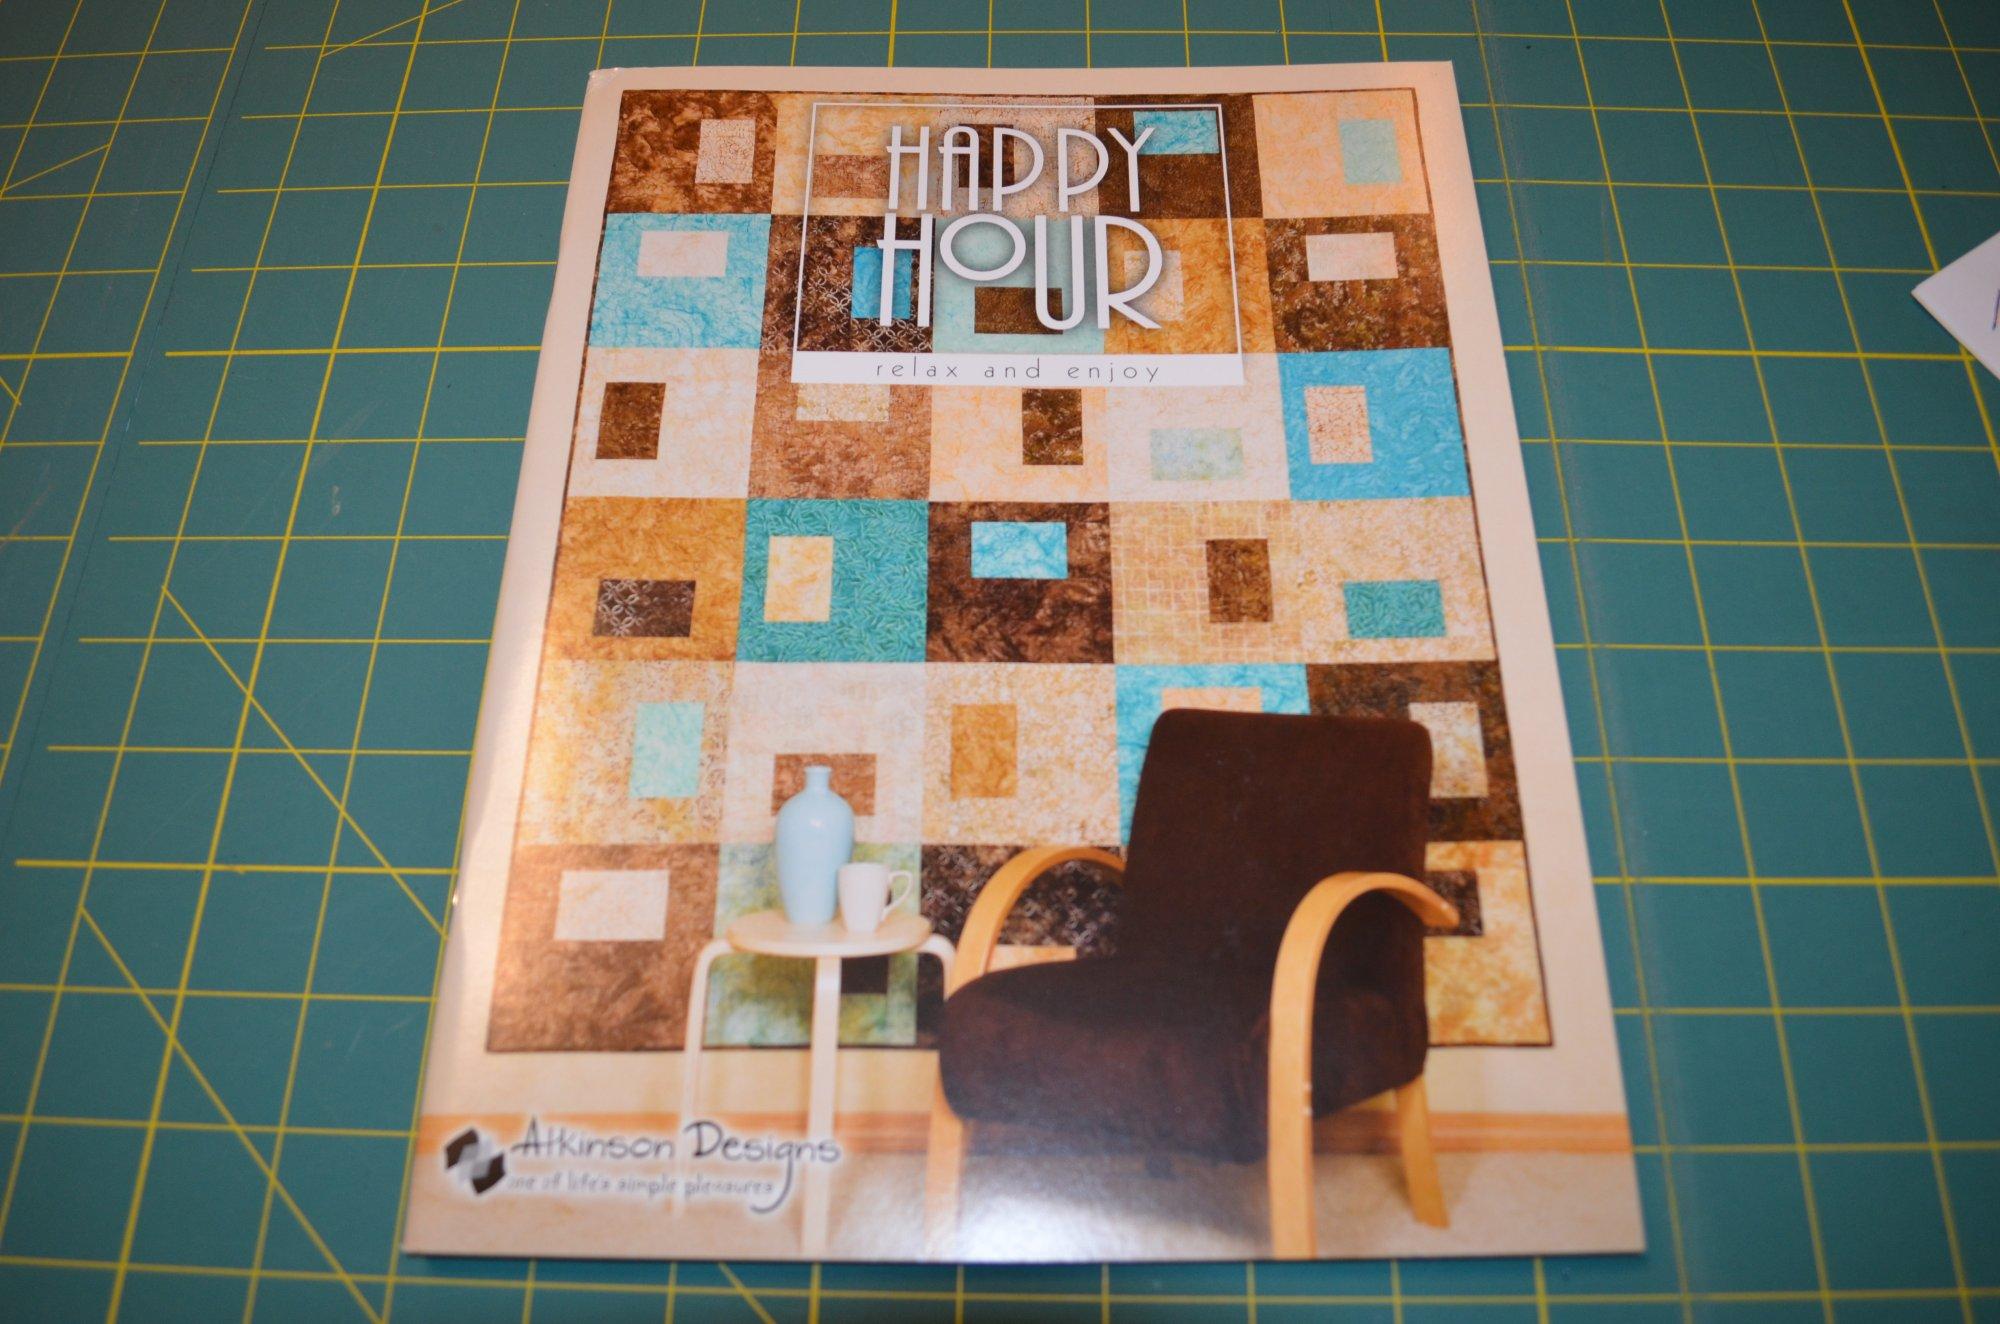 Happy Hour Book ATK605 Atkinson Designs Book